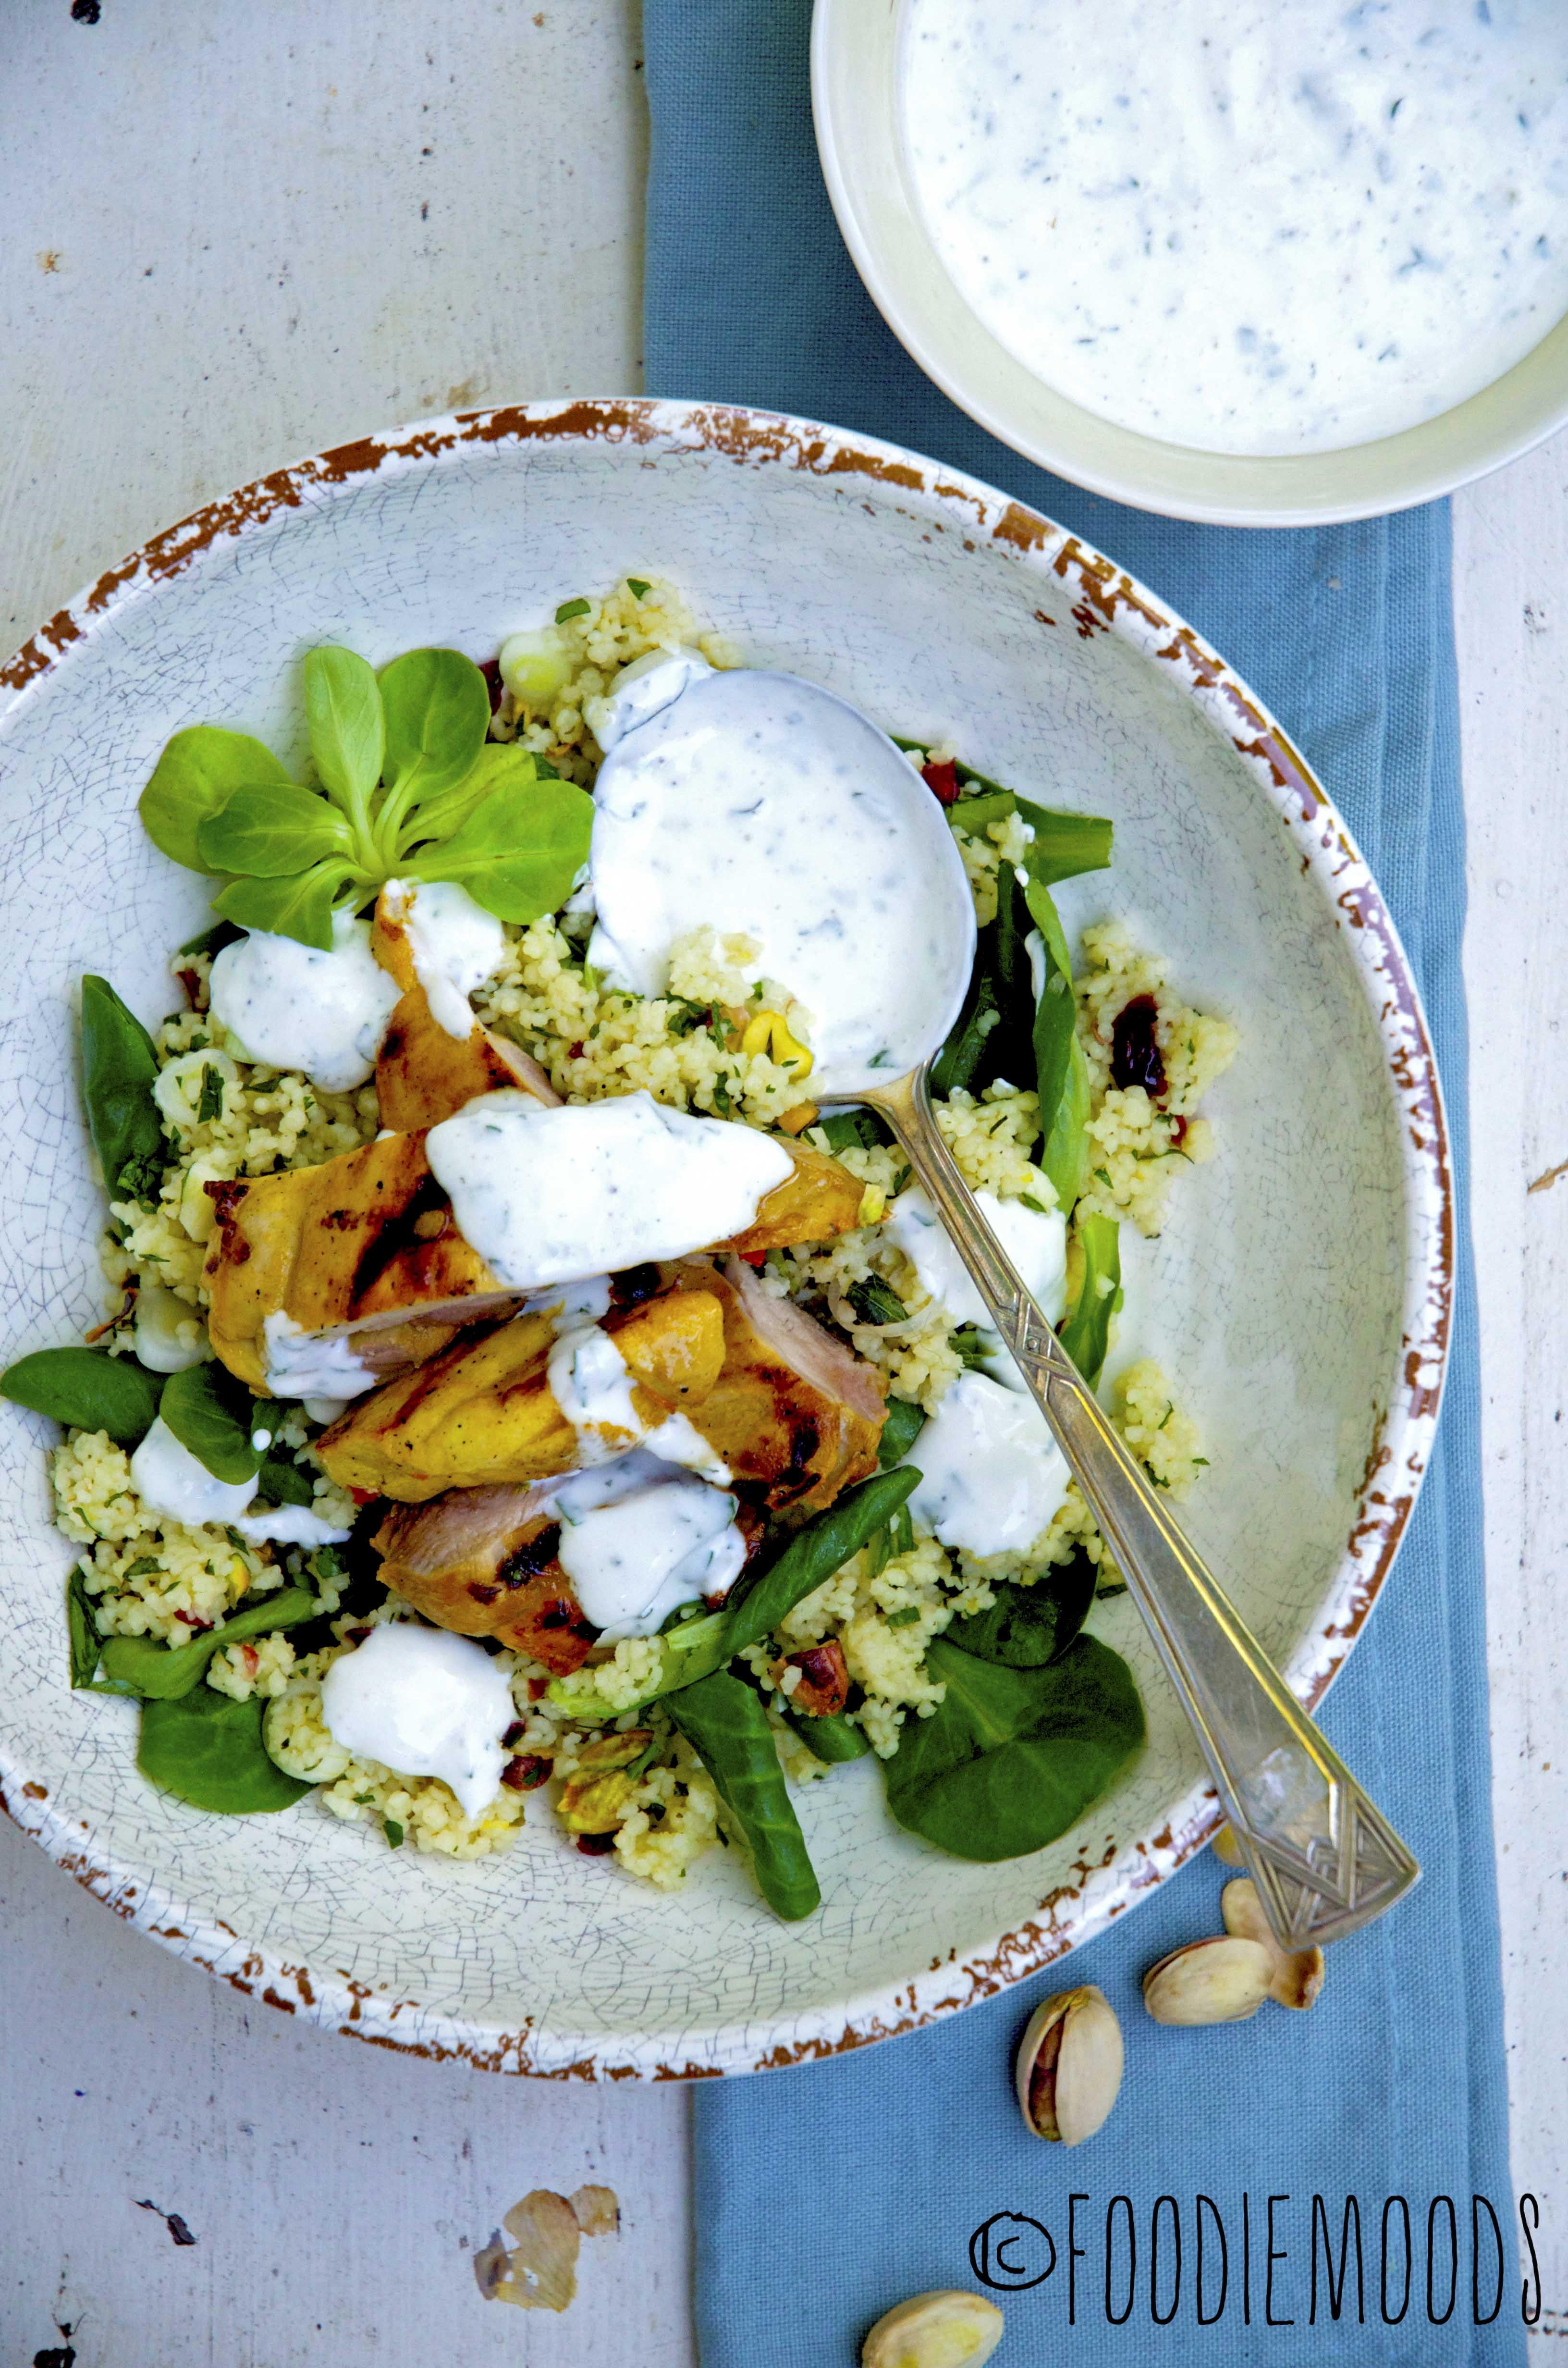 Miss Foodie recept gegrilde saffraankip met couscoussalade